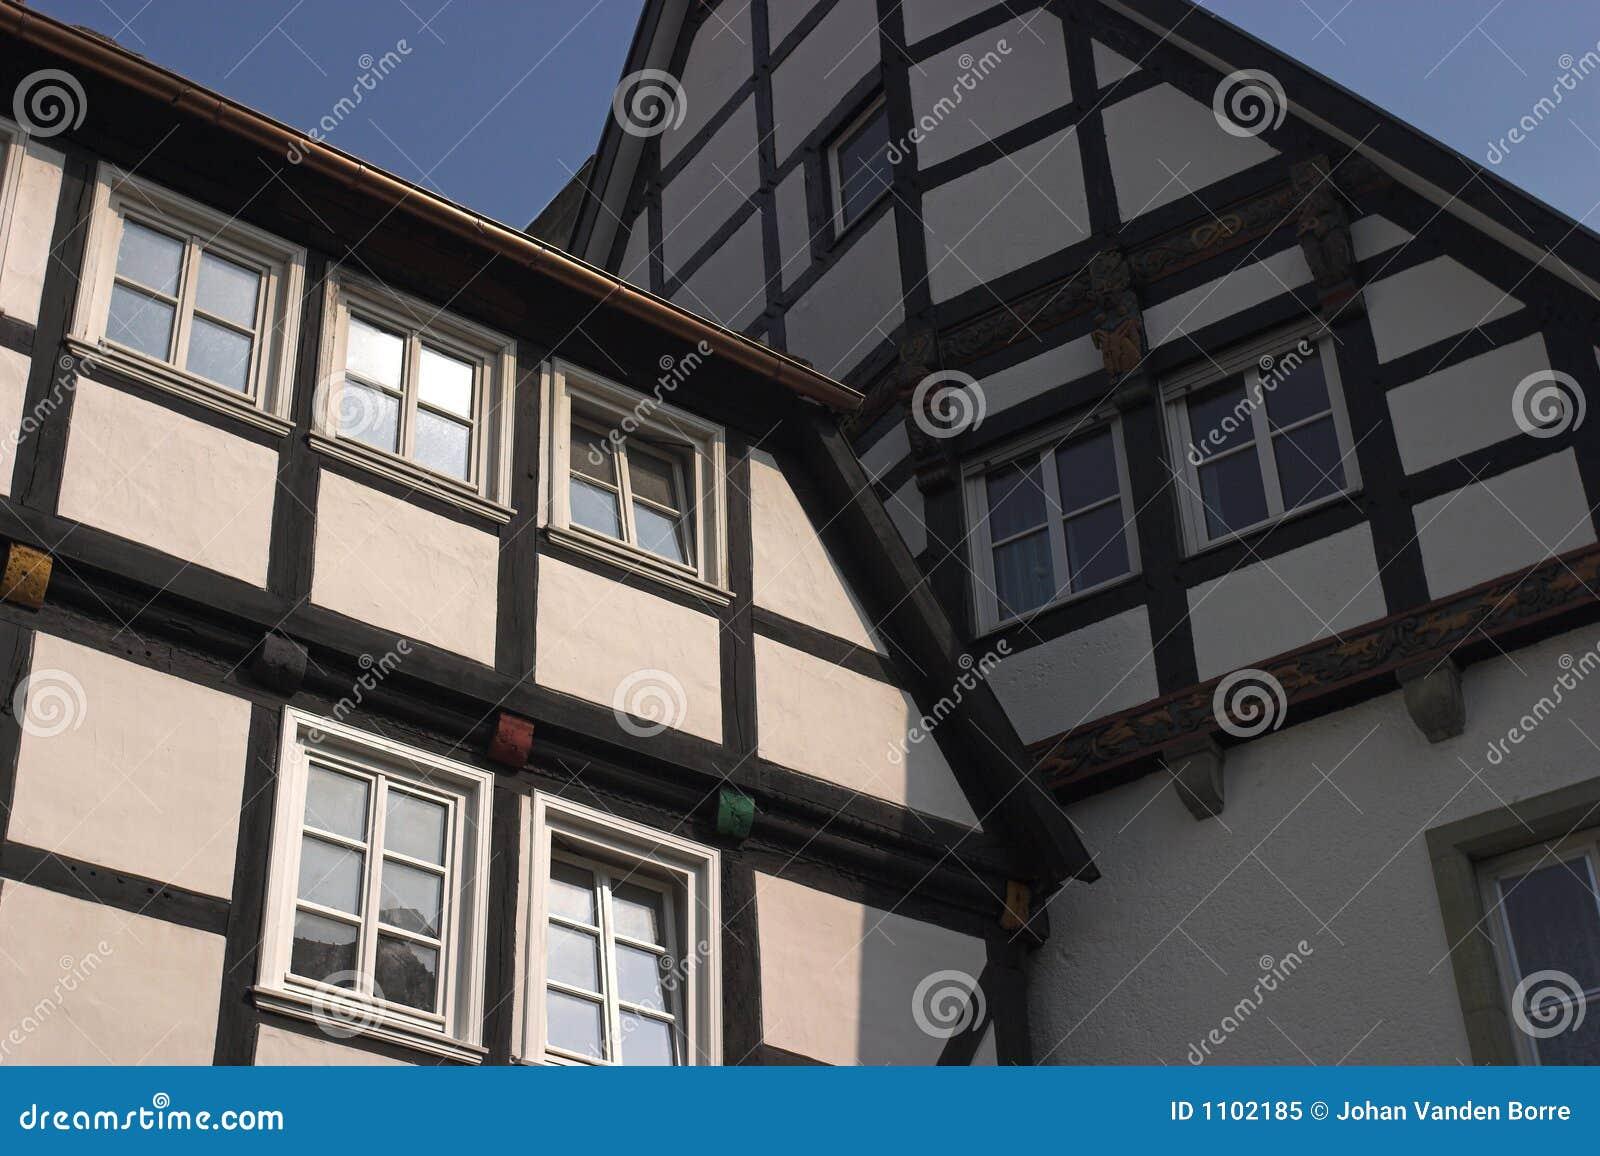 Casas prefabricadas madera casas de madera alemanas - Casas prefabricadas alemania ...